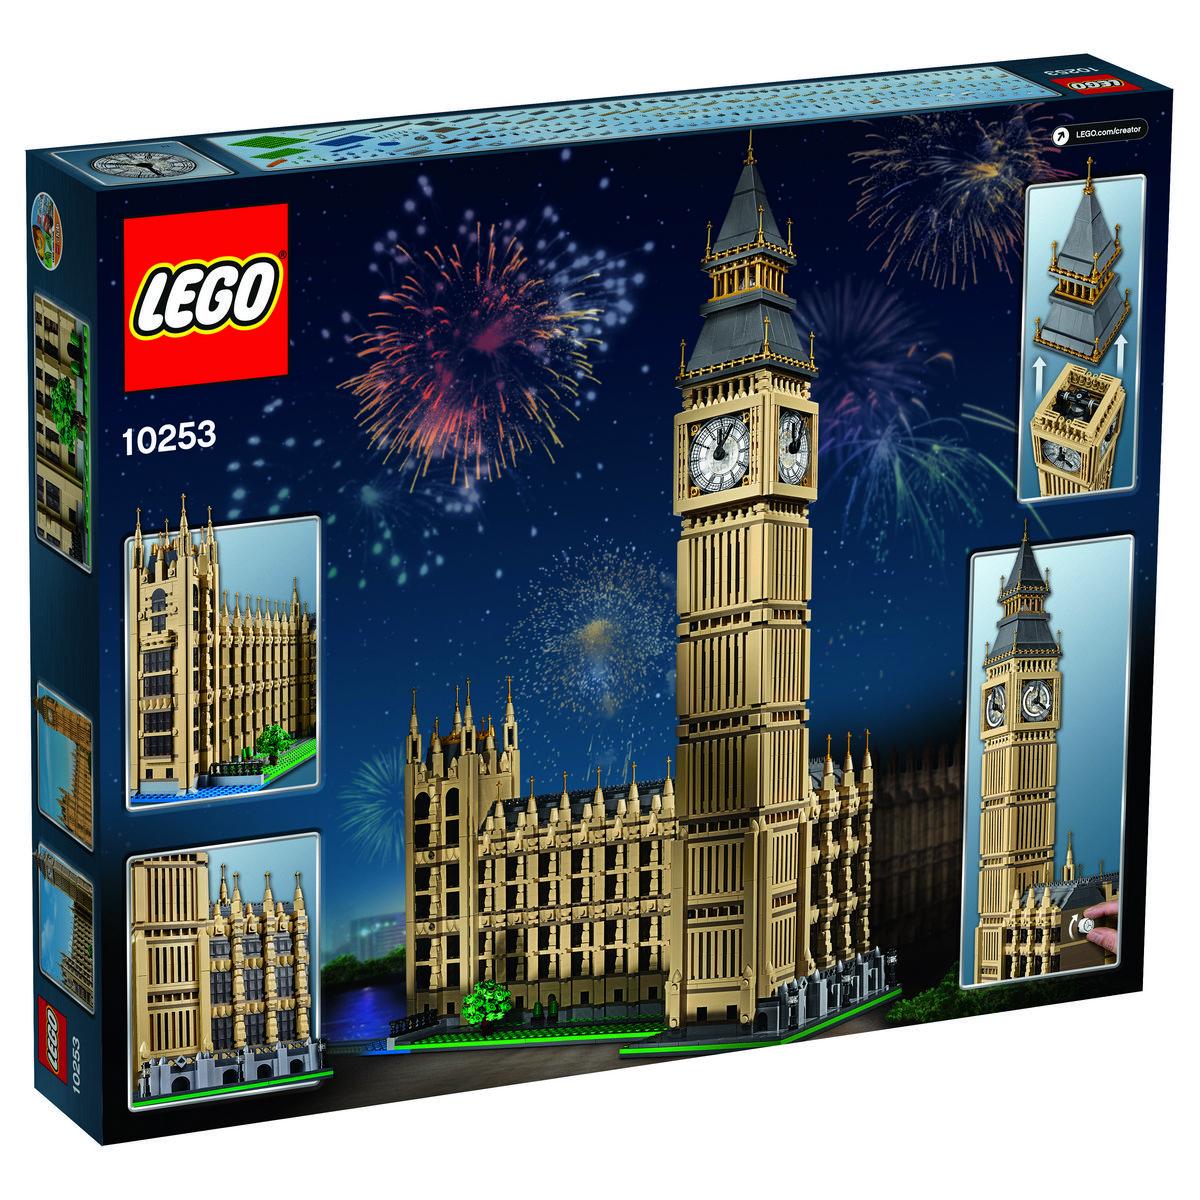 lego-big-ben-10253-boxart